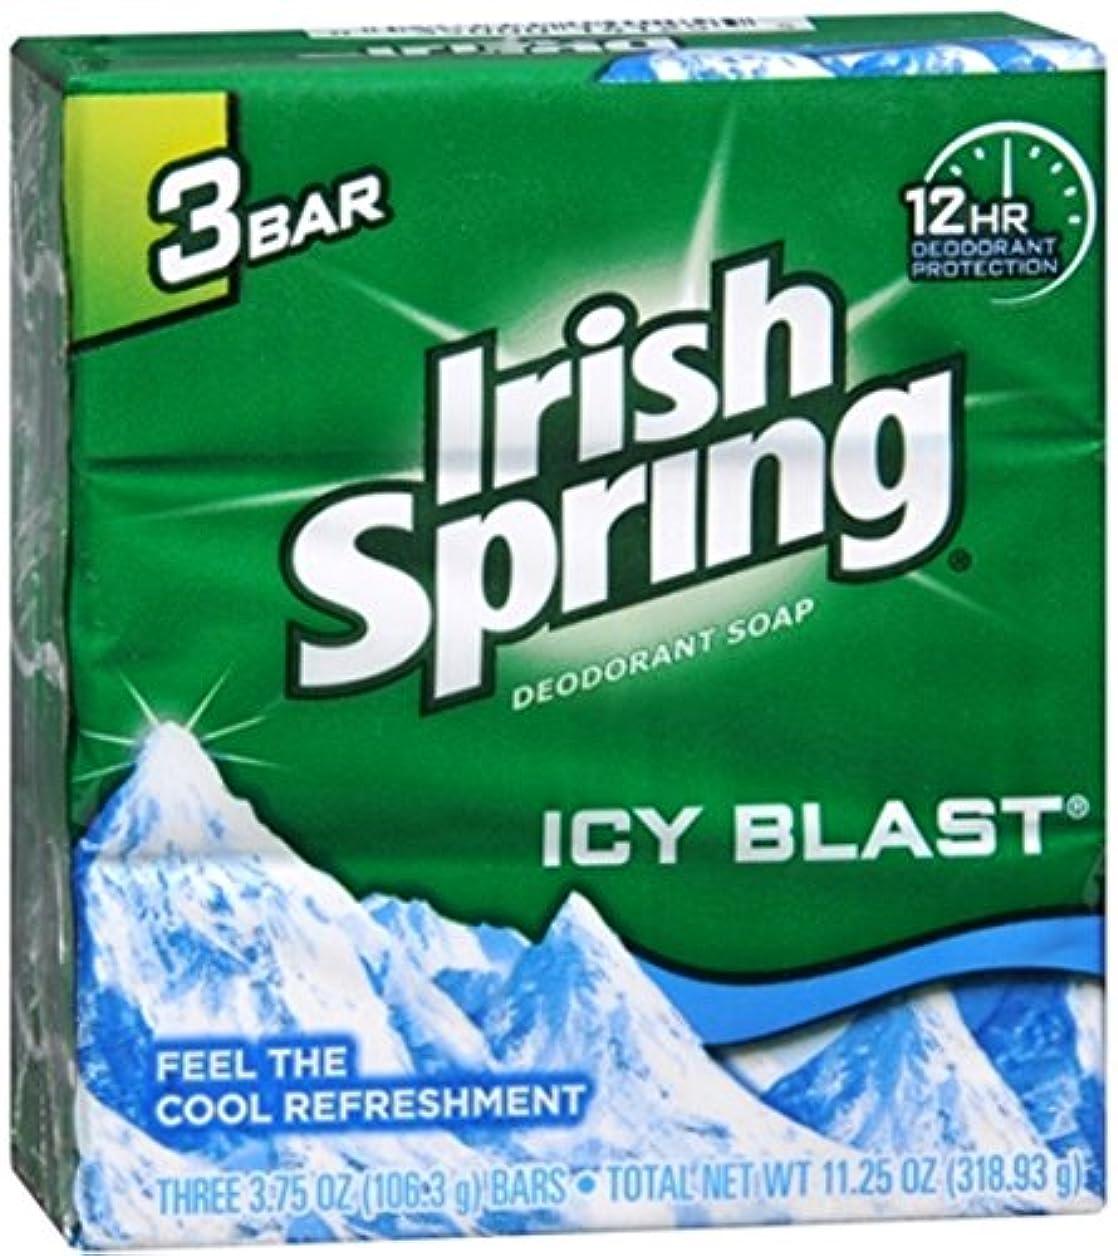 彼自身家主遺棄された【Irish Spring】アイリッシュスプリング?デオドラント石鹸113g×3個パック 【アイシーブラスト】